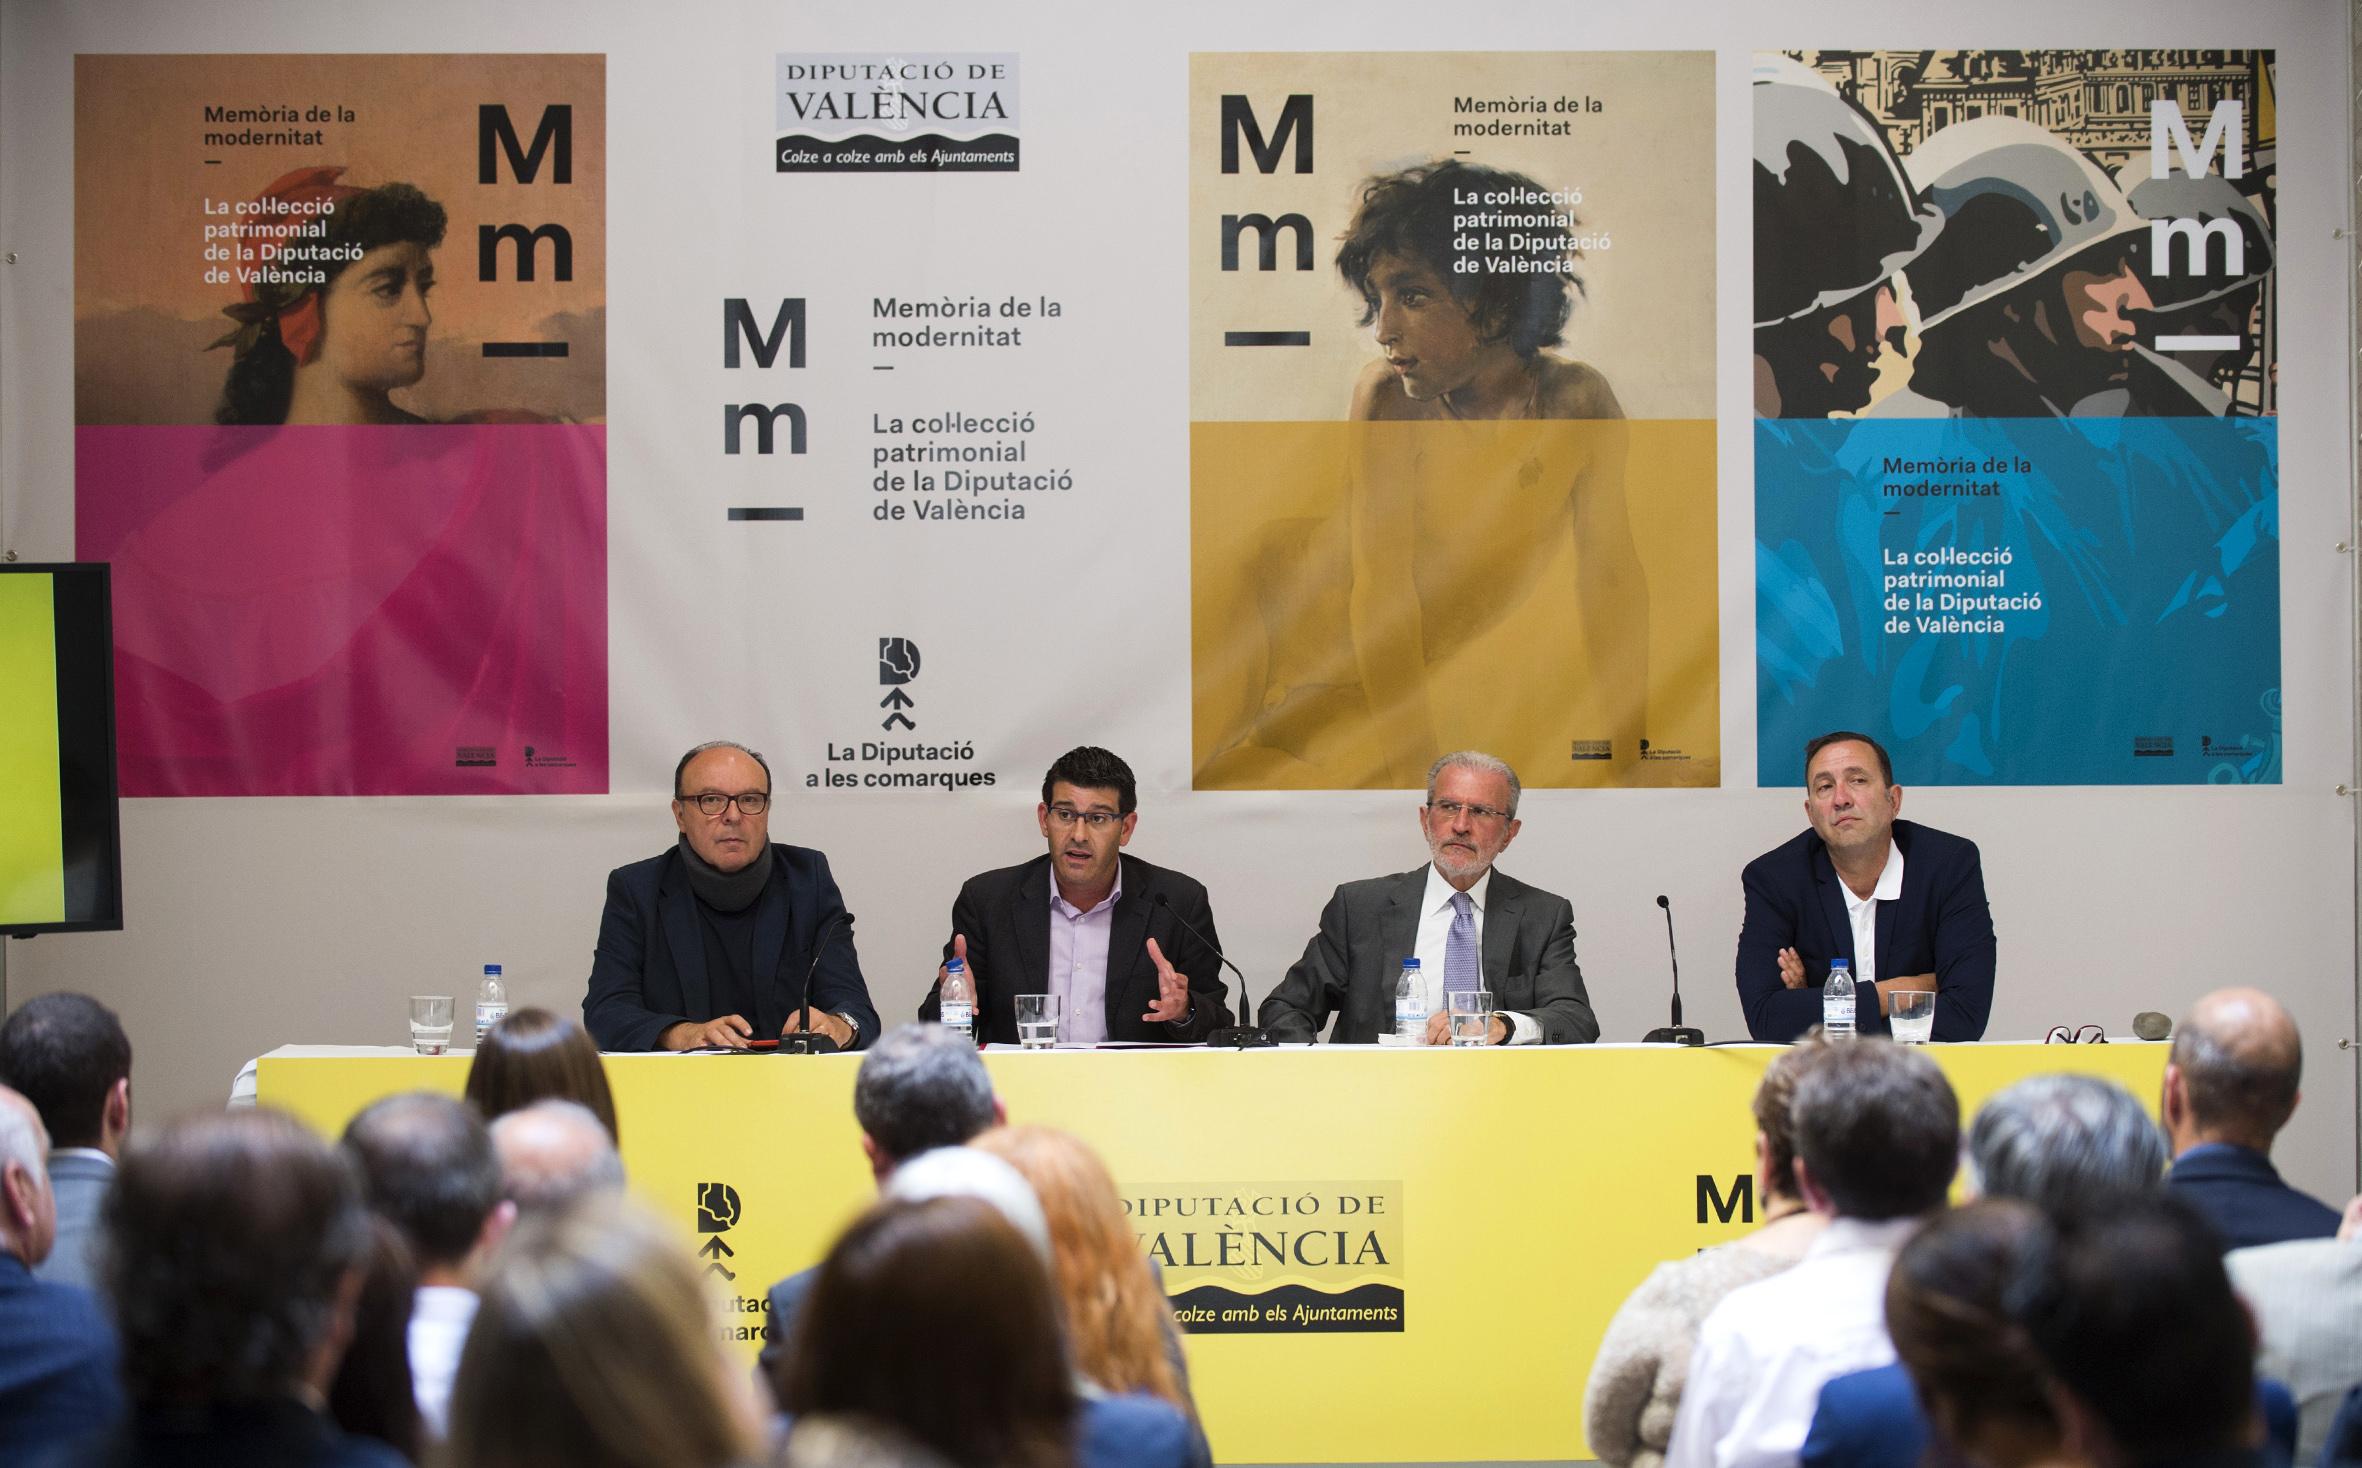 """Jorge Rodríguez: """"Con este proyecto cumplimos con una de las principales apuestas de este equipo de Gobierno, que es dignificar la institución y acercarla a la ciudadanía""""."""